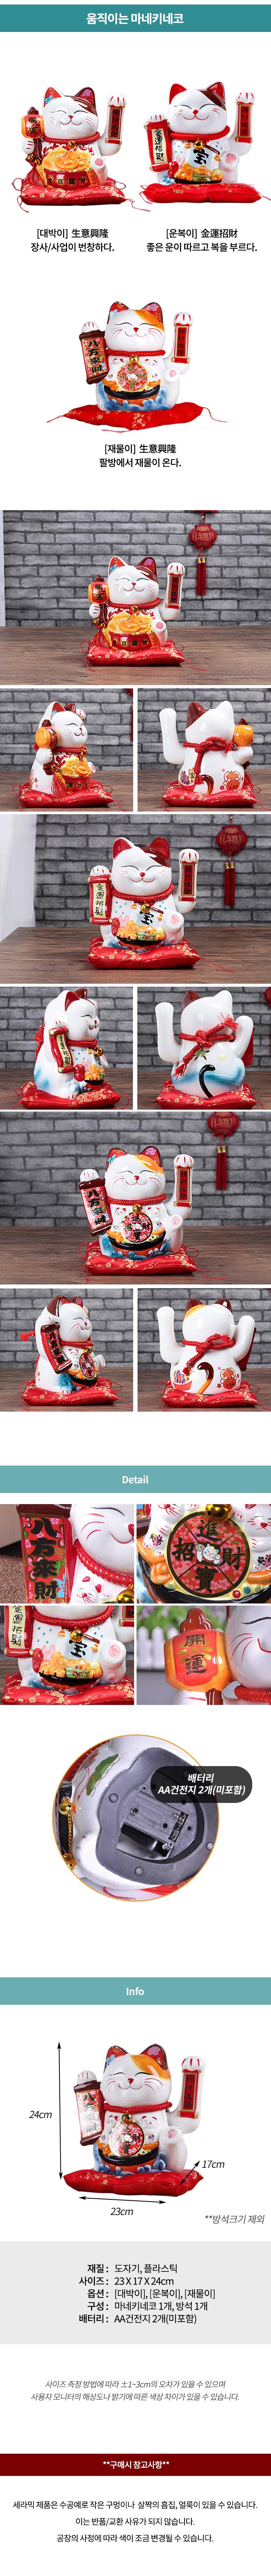 움직이는 고양이_일본고양이인형 마네키네코 손흔드는고양이 - 홀트레이드, 59,000원, 장식소품, 엔틱오브제